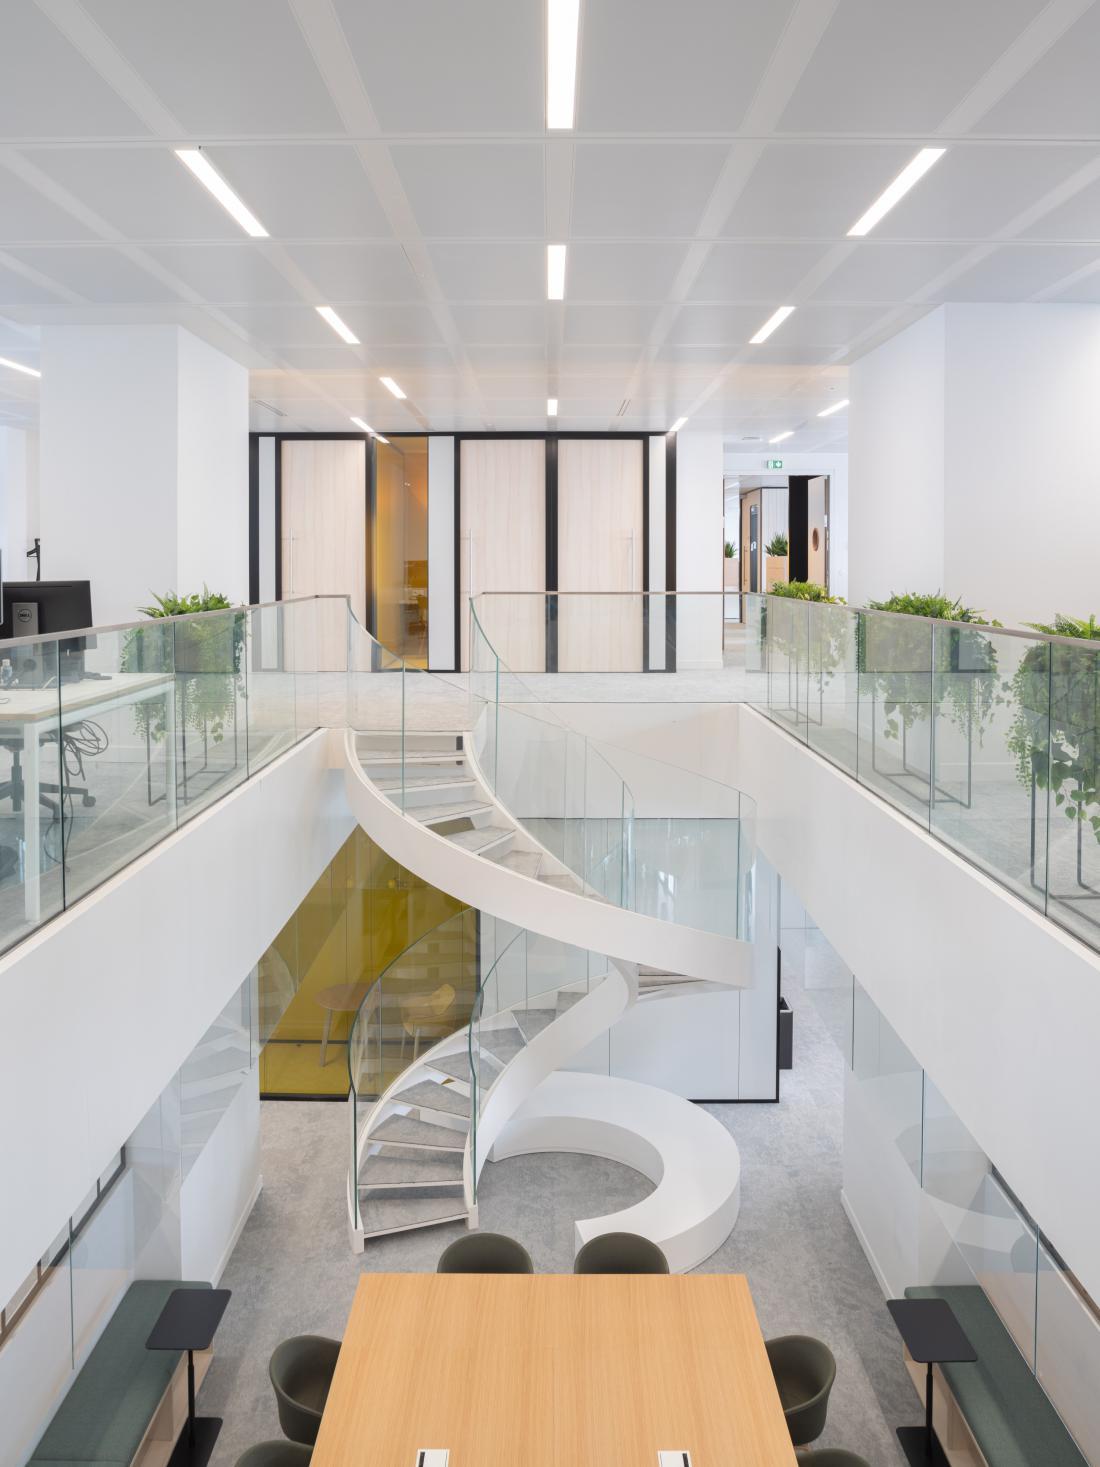 Četrto in peto nadstropje je namenjeno časopisu Le Monde, povezuje pa jo spiralno oblikovano stopnišče. FOTO: Jared Chulski